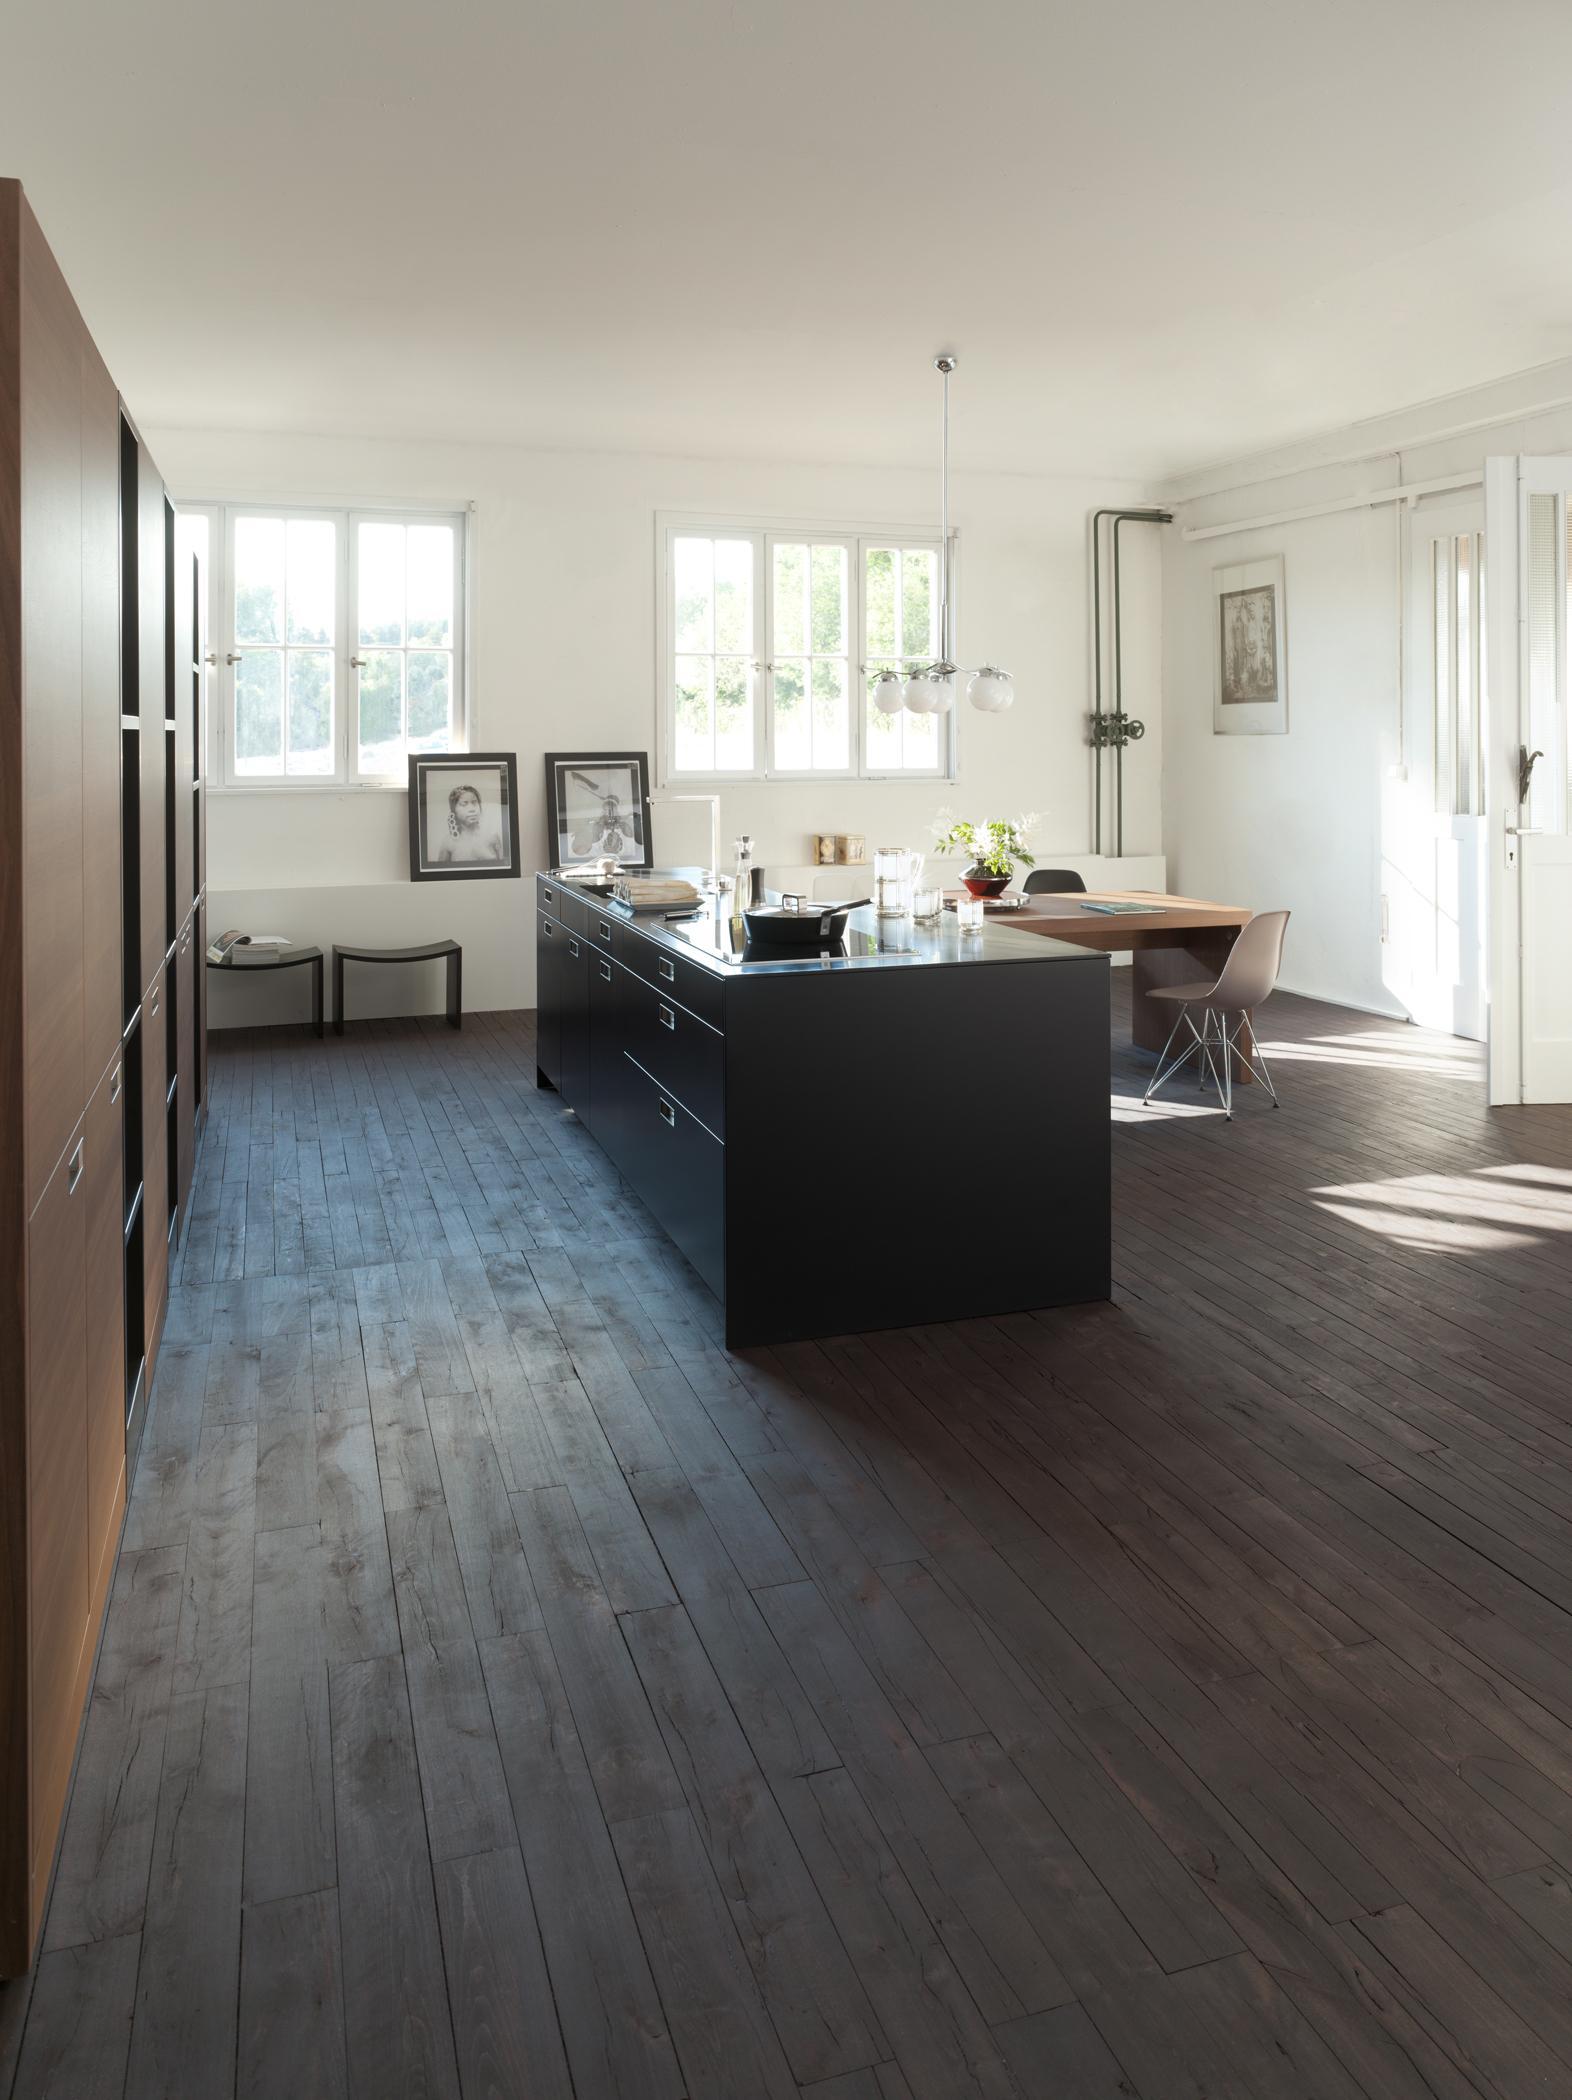 Schmale Küche • Bilder & Ideen • Couchstyle